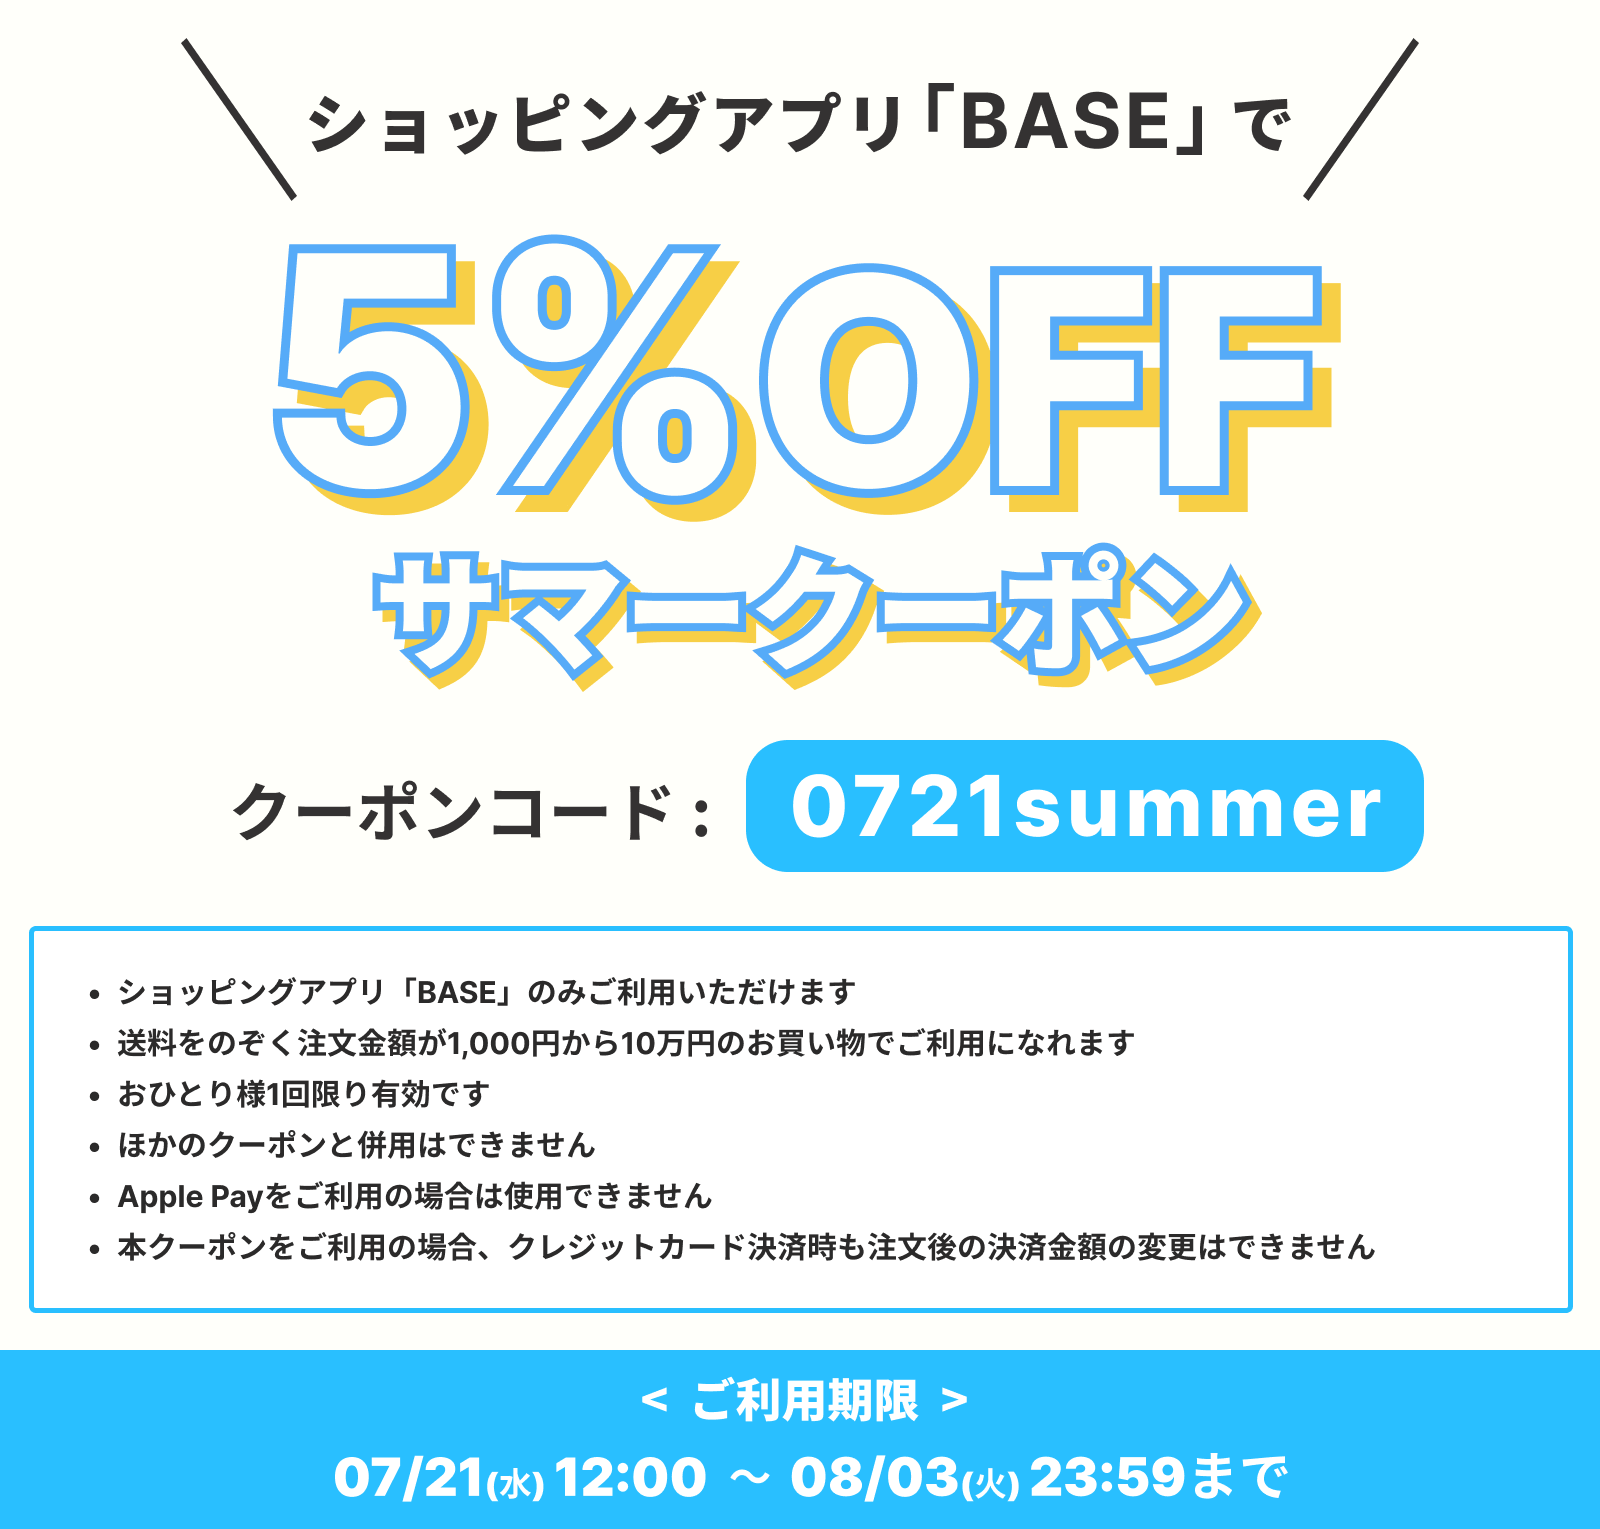 【期間限定】Kimihug®(キミハグ)5%OFFクーポン配信中♪】7/21日(水)12:00~